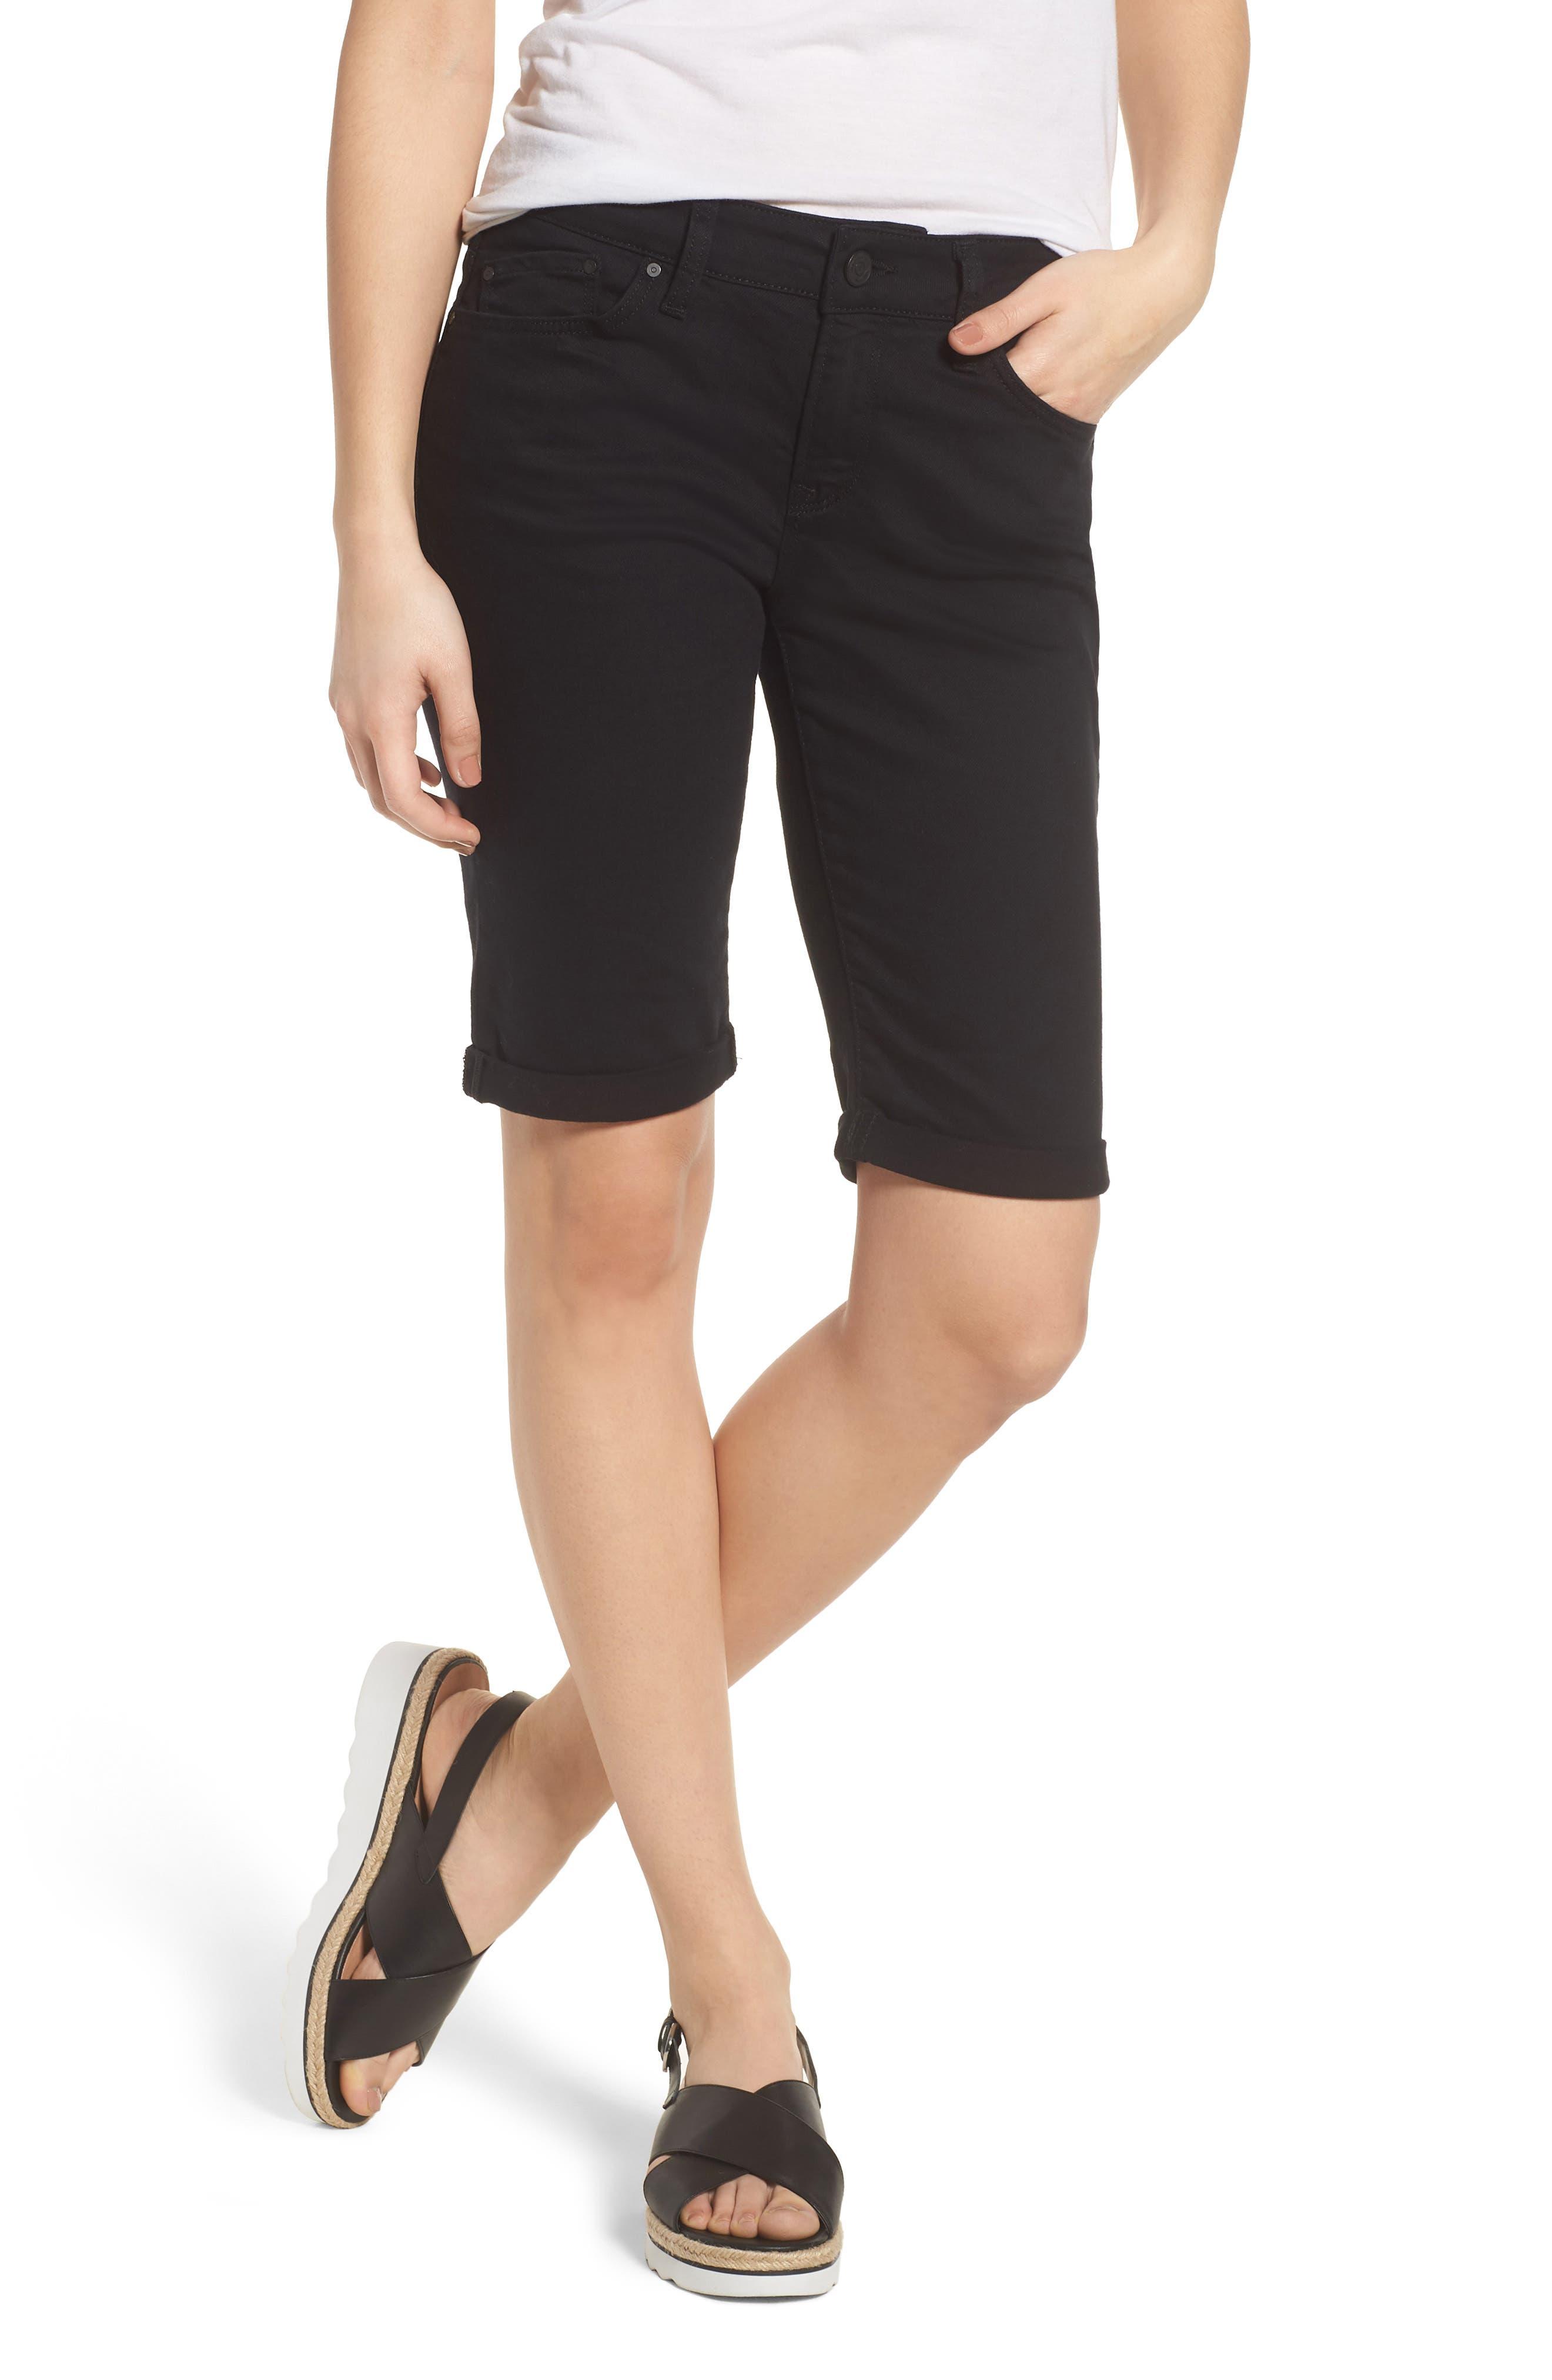 Karly Black Nolita Roll Cuff Bermuda Shorts,                             Main thumbnail 1, color,                             001